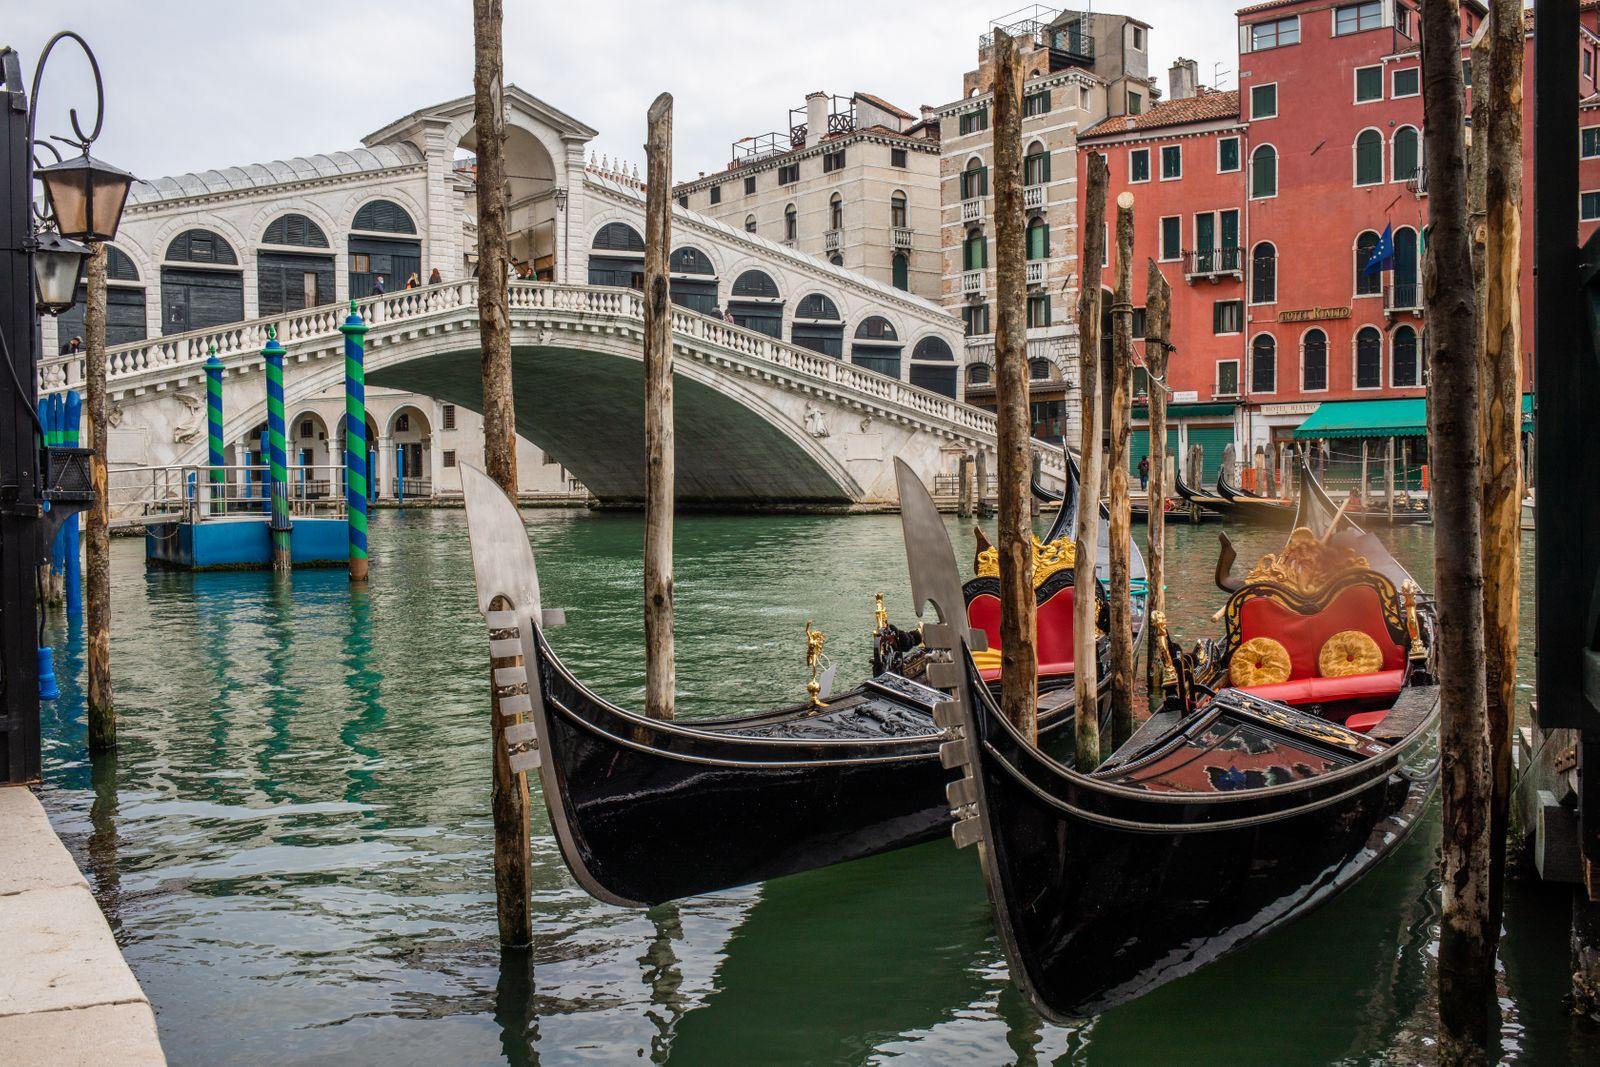 Spring Weekend In Venezia